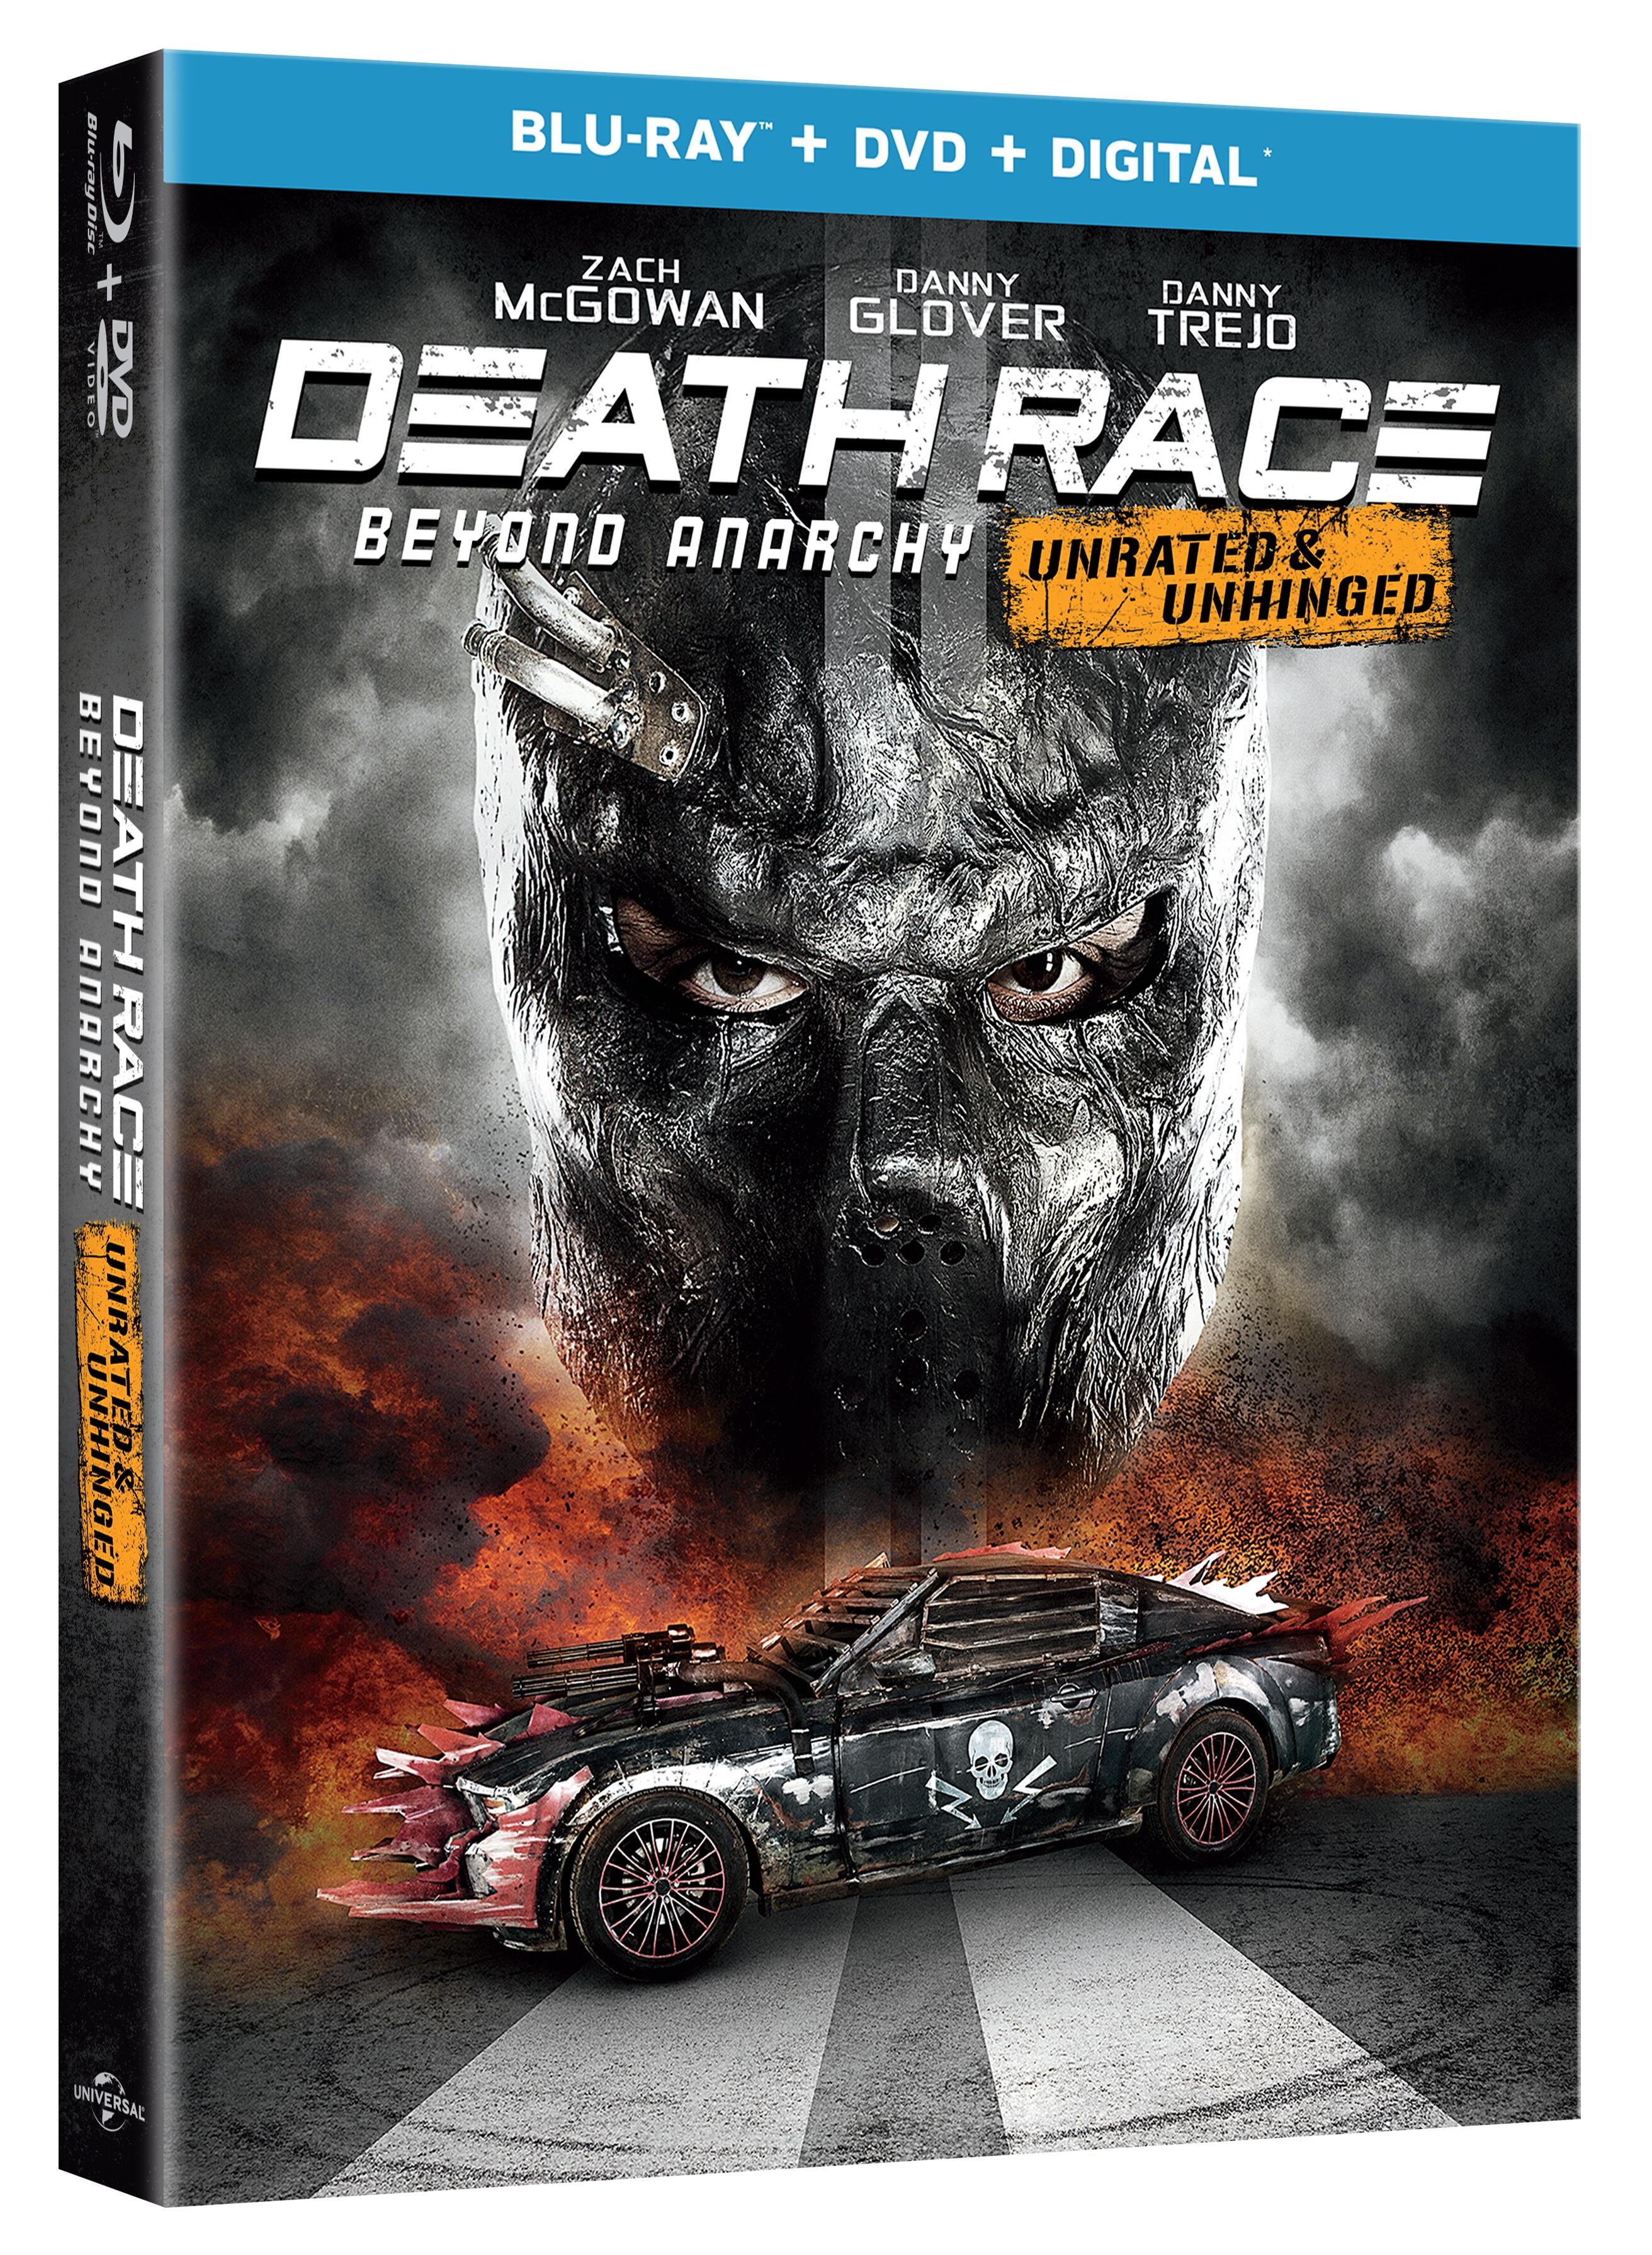 La adrenalina de 'Death Race: Beyond Anarchy' llegará a casa este otoño